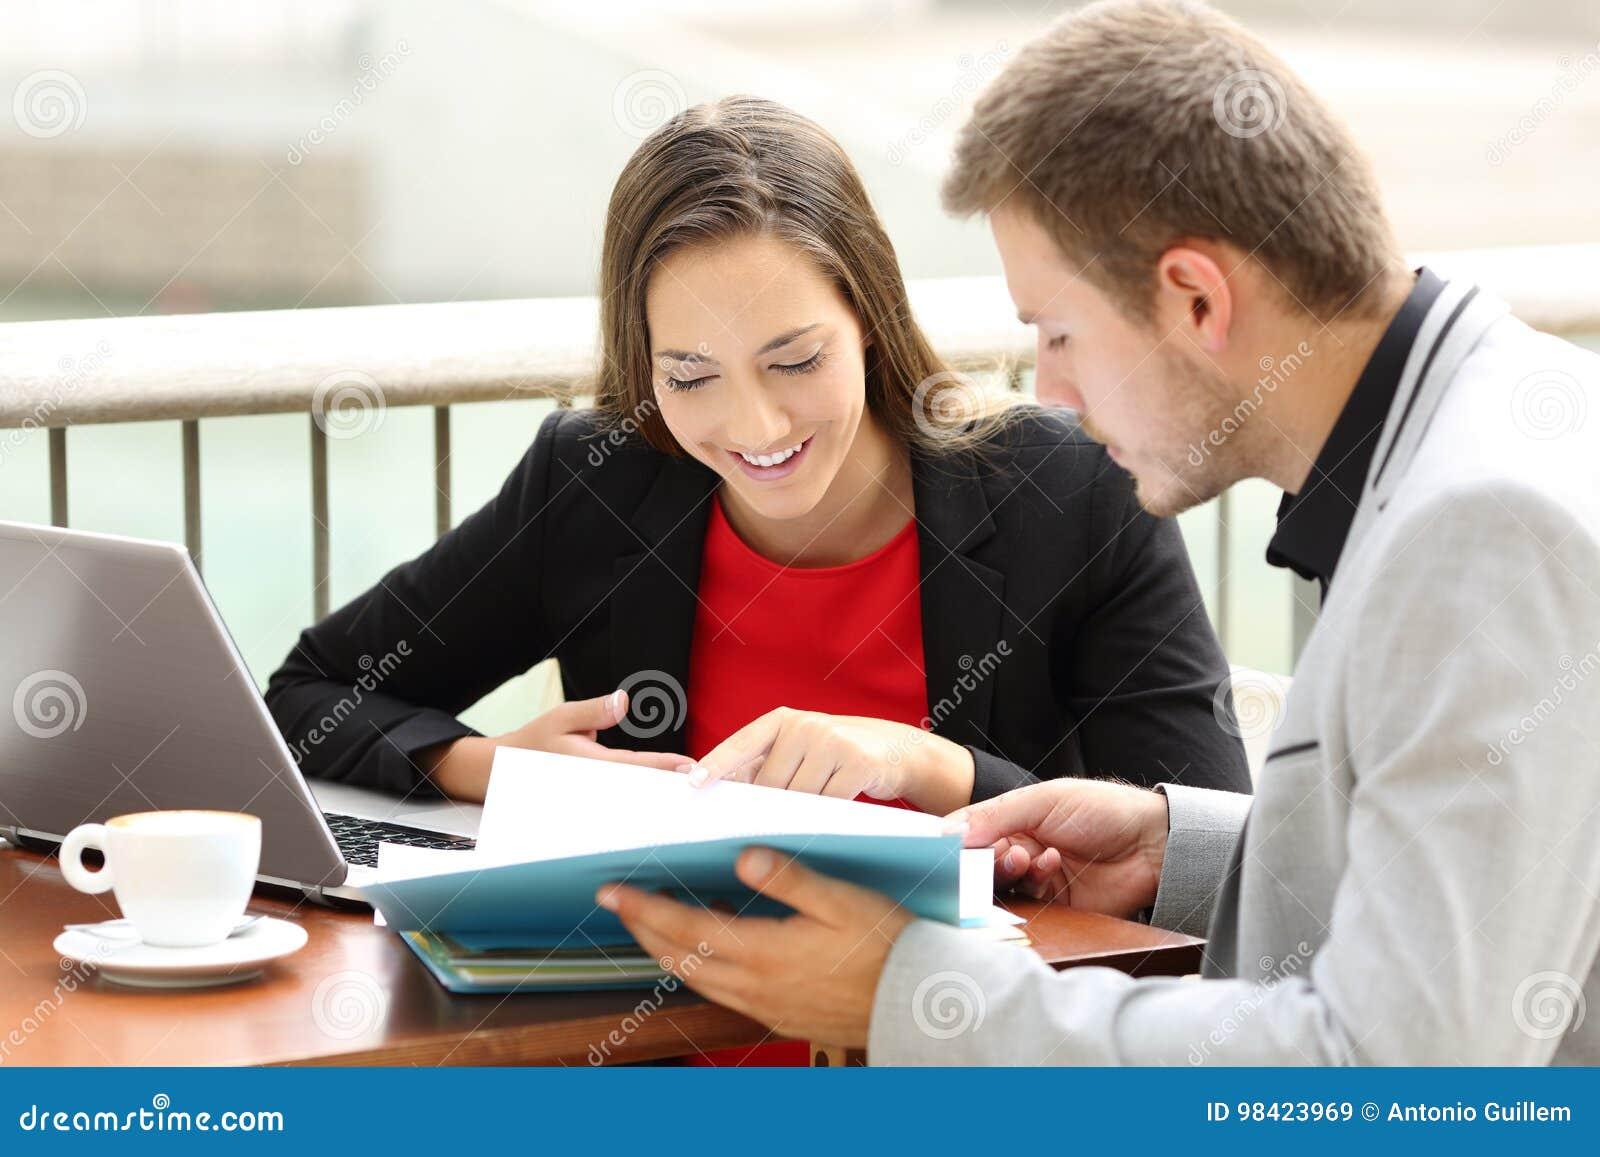 Cadres consultant des documents dans un café